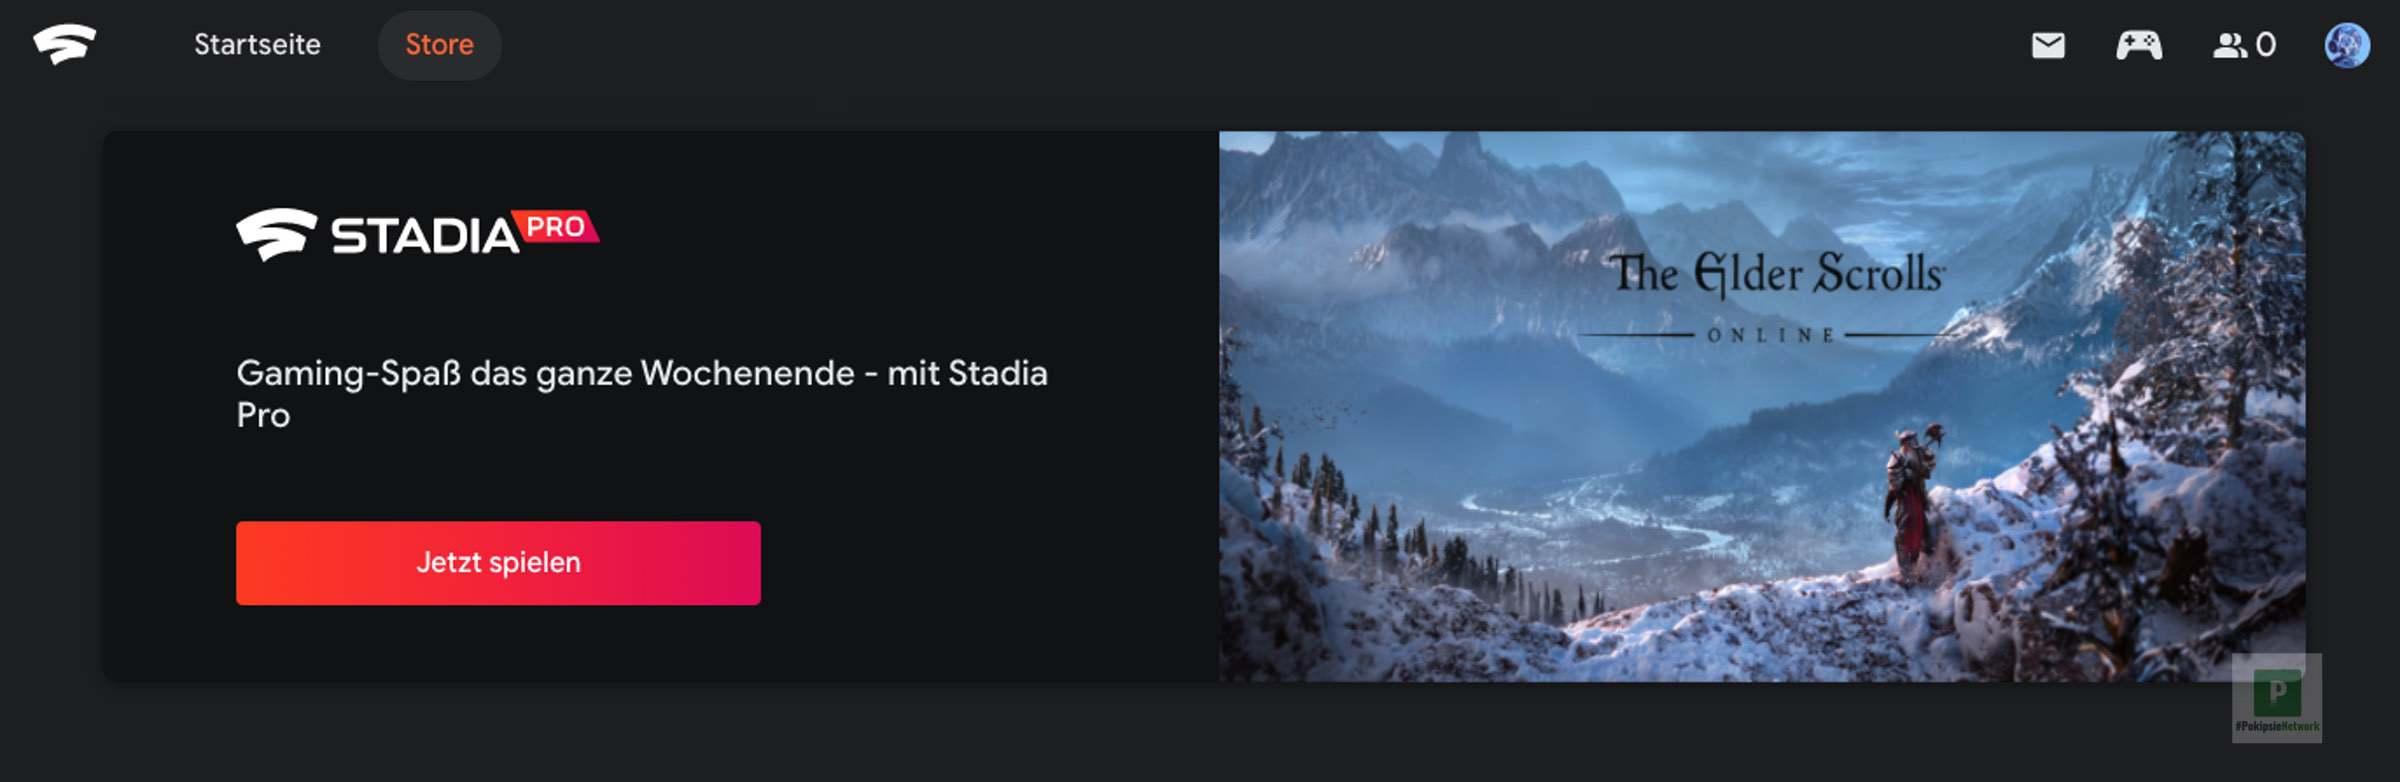 Neue Spiele für Stadia Pro